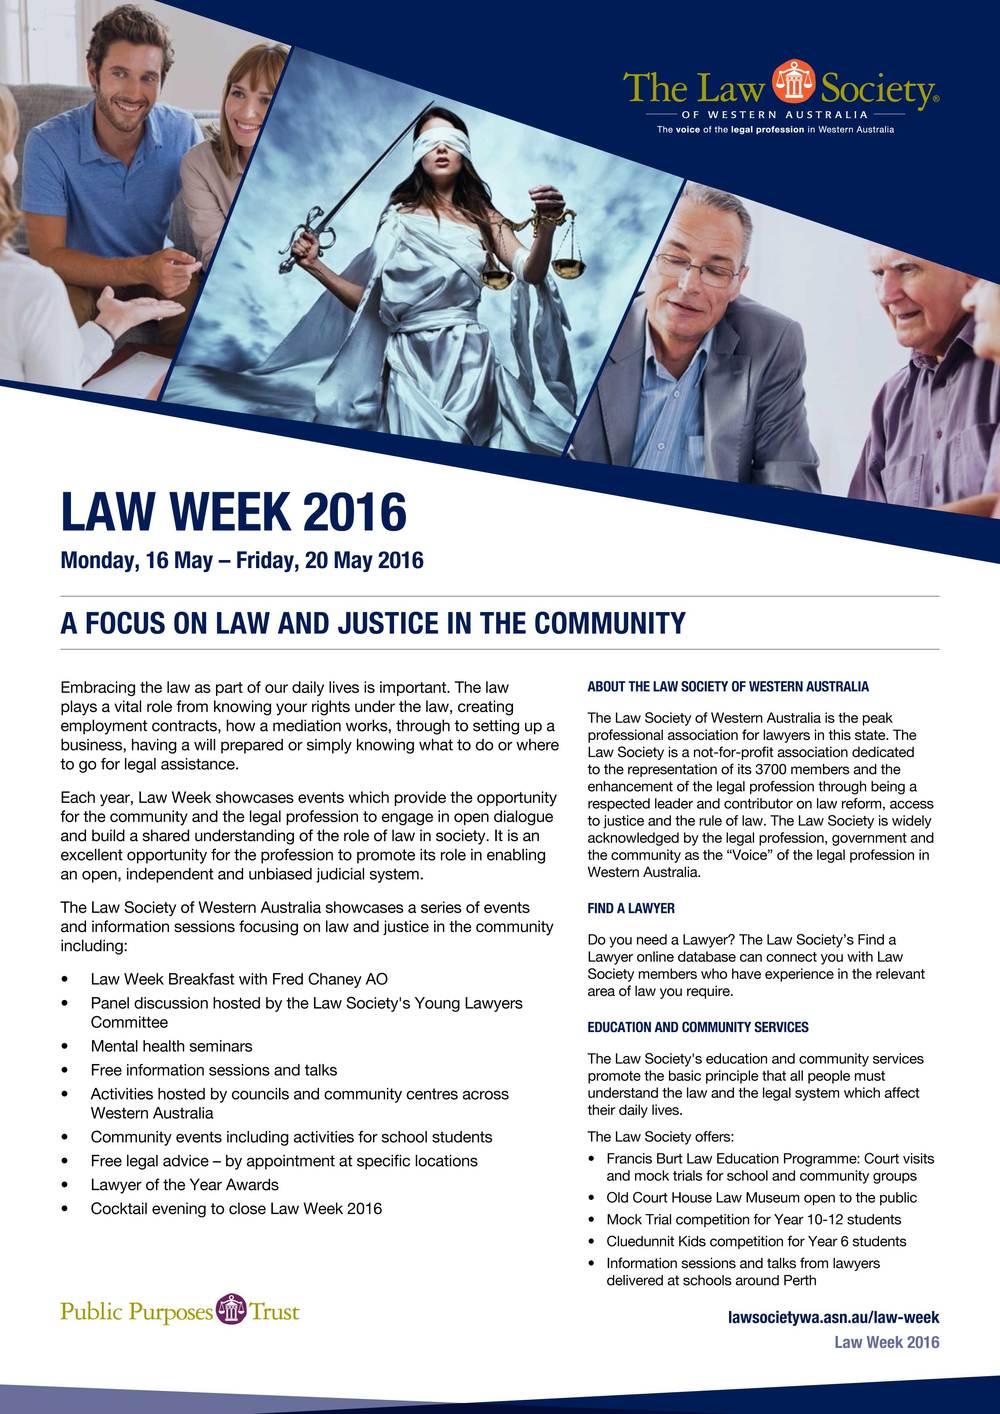 Media-Release-Law-Society-1.jpg